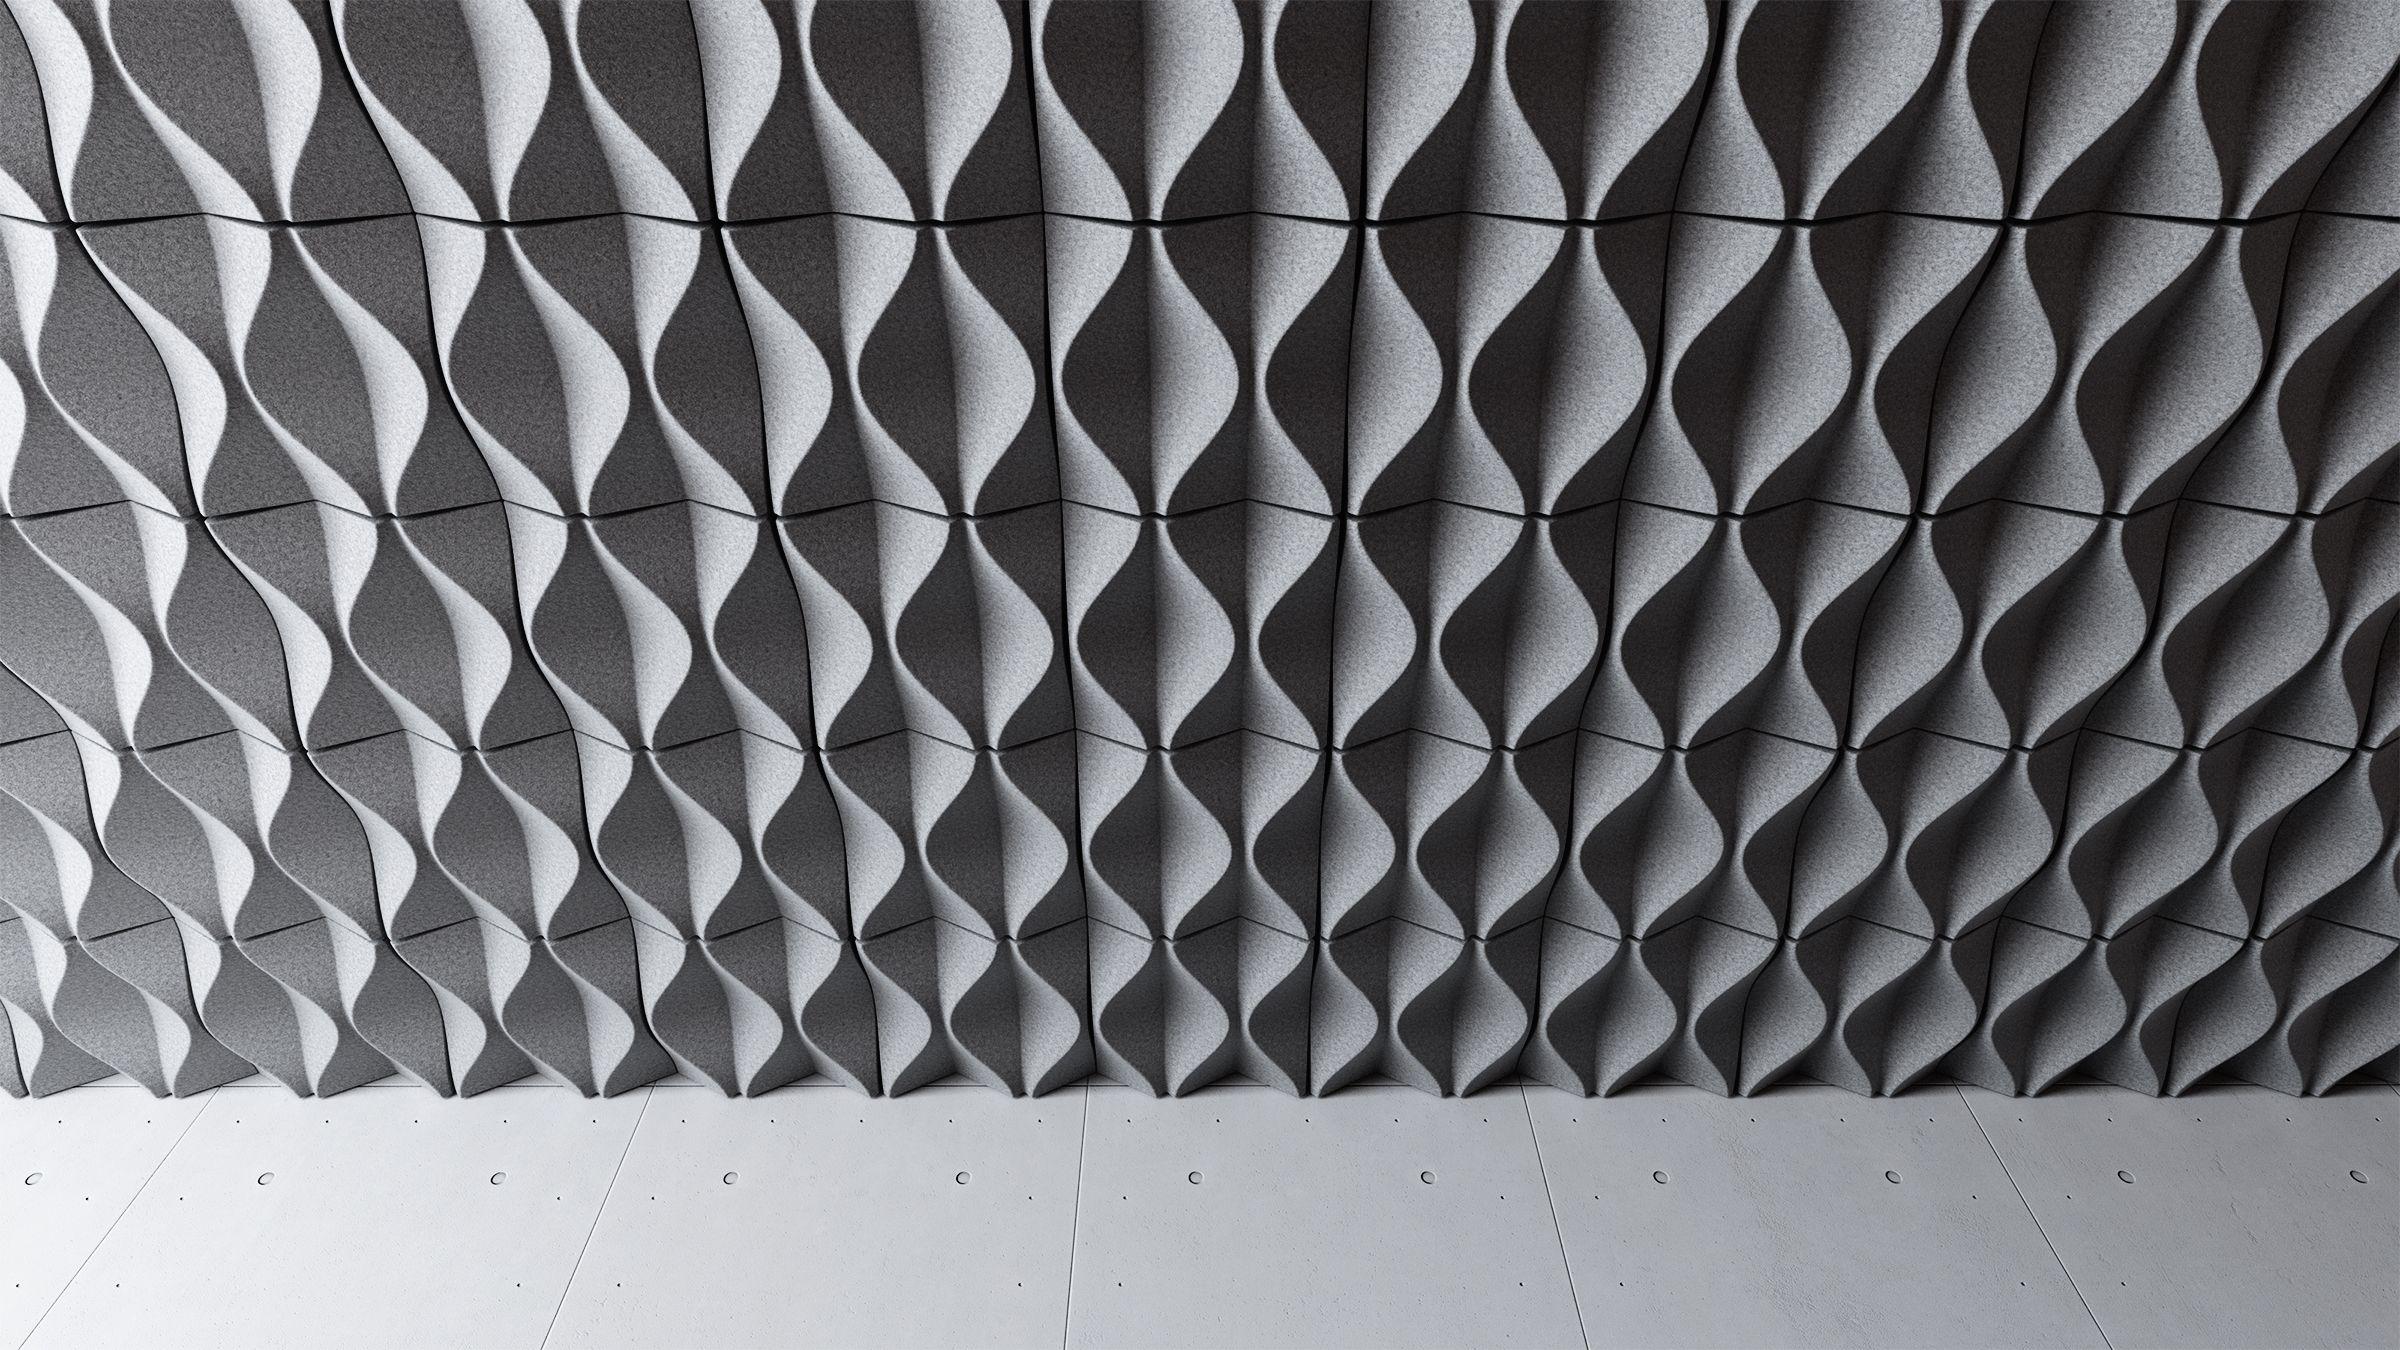 Mesh Ceiling Tile Turf Ceilings Pinterest Ceiling Tiles